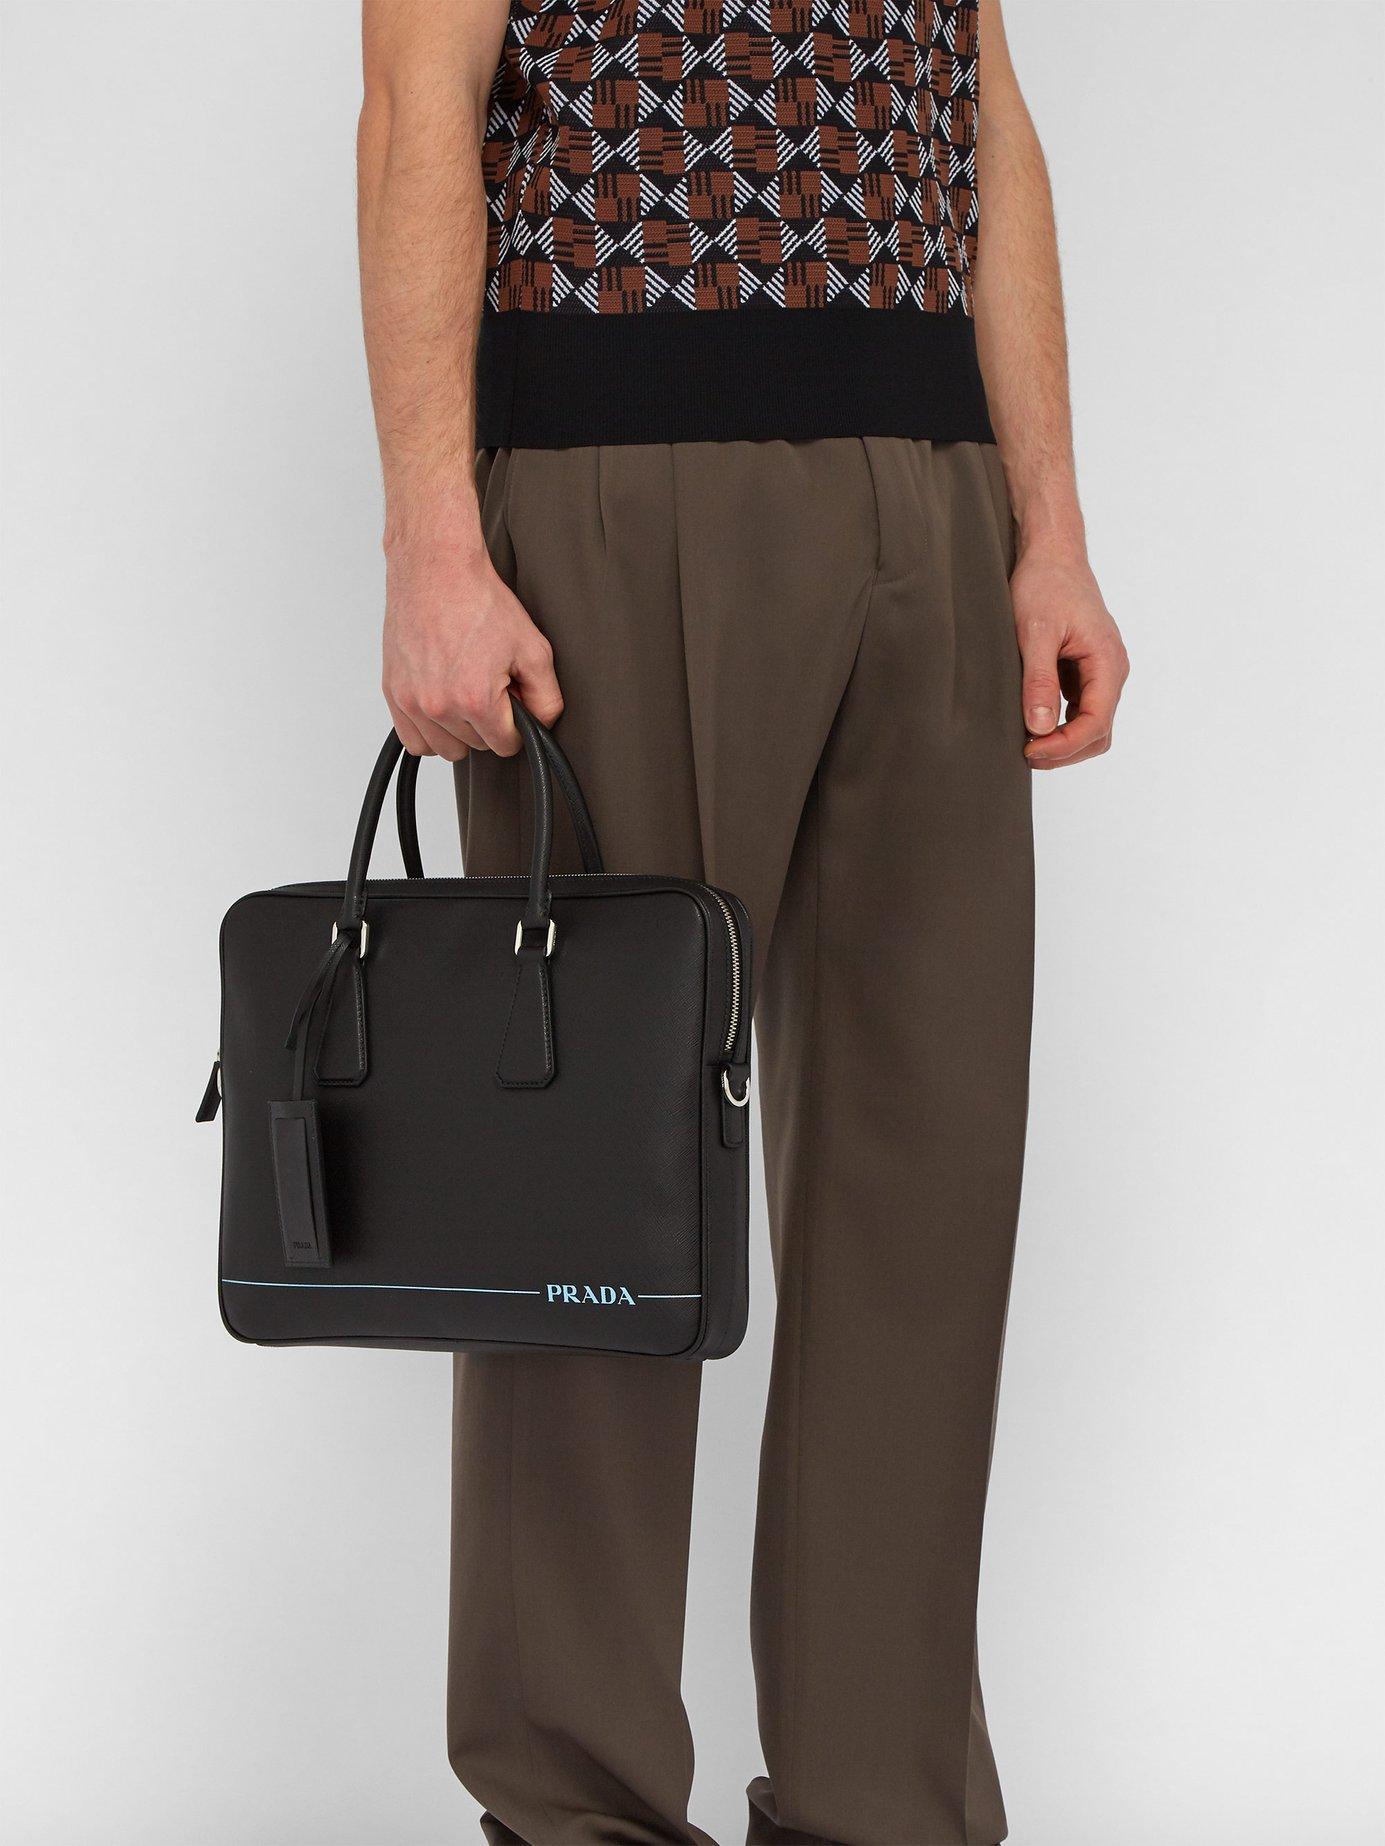 acb4ca468af5 Lyst - Prada Saffiano Leather Briefcase in Black for Men